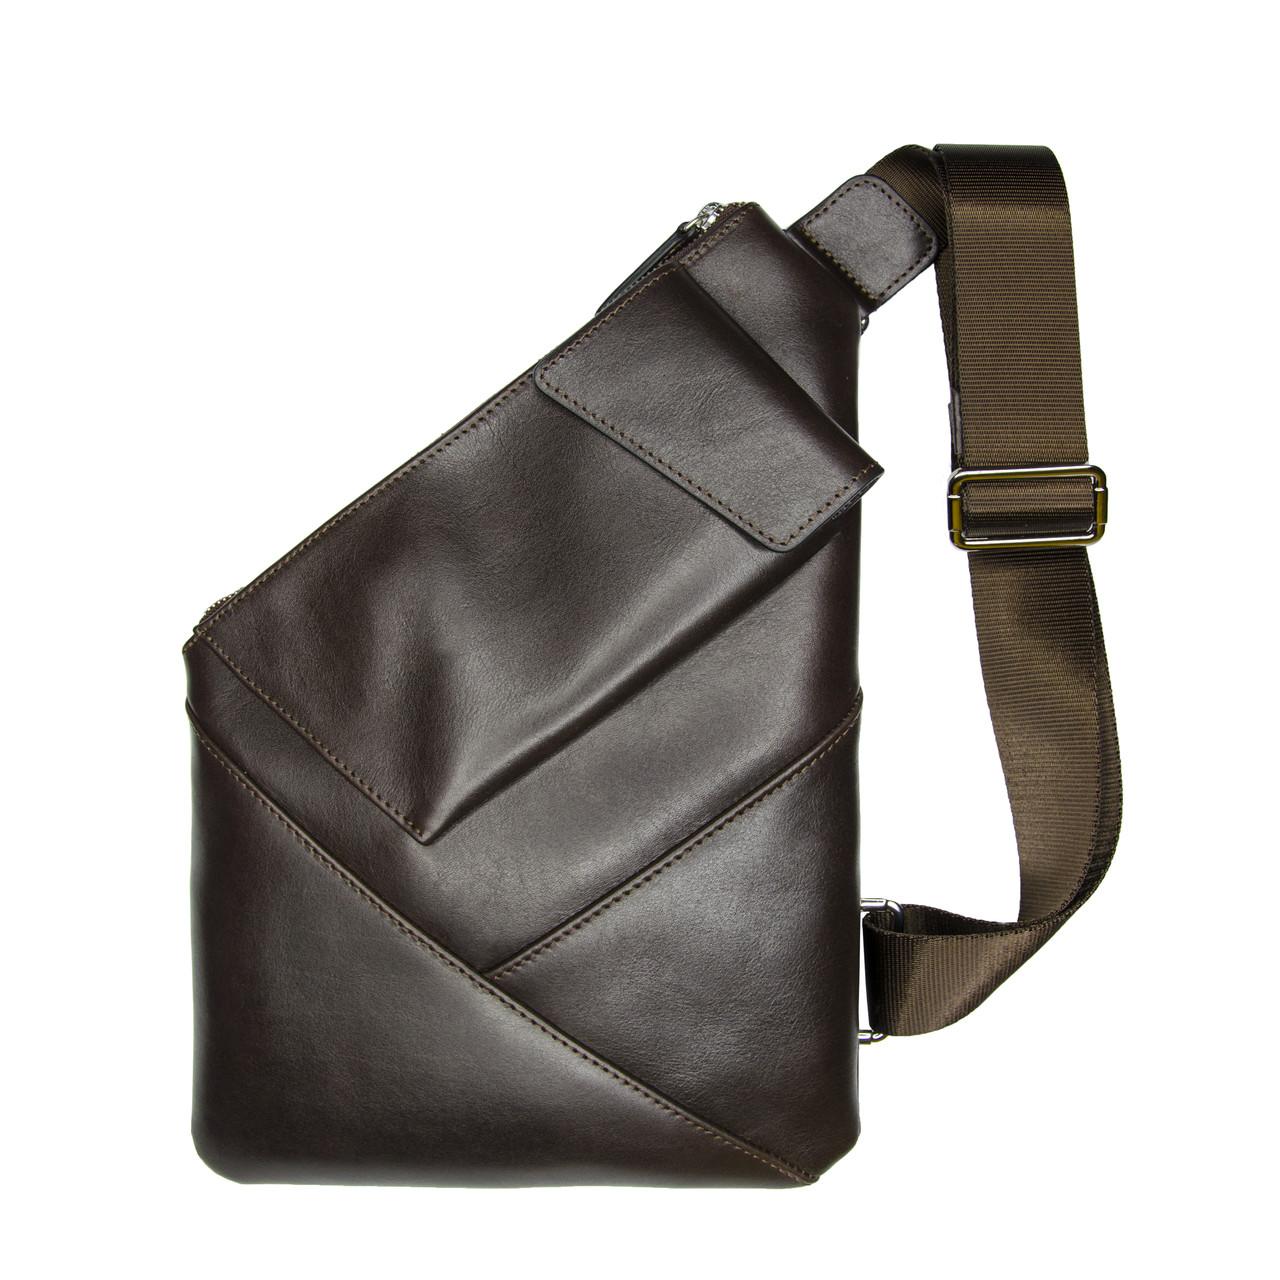 Чоловіча сумка-кобура Grande Pelle 310х210 мм глянцева шкіра шоколад